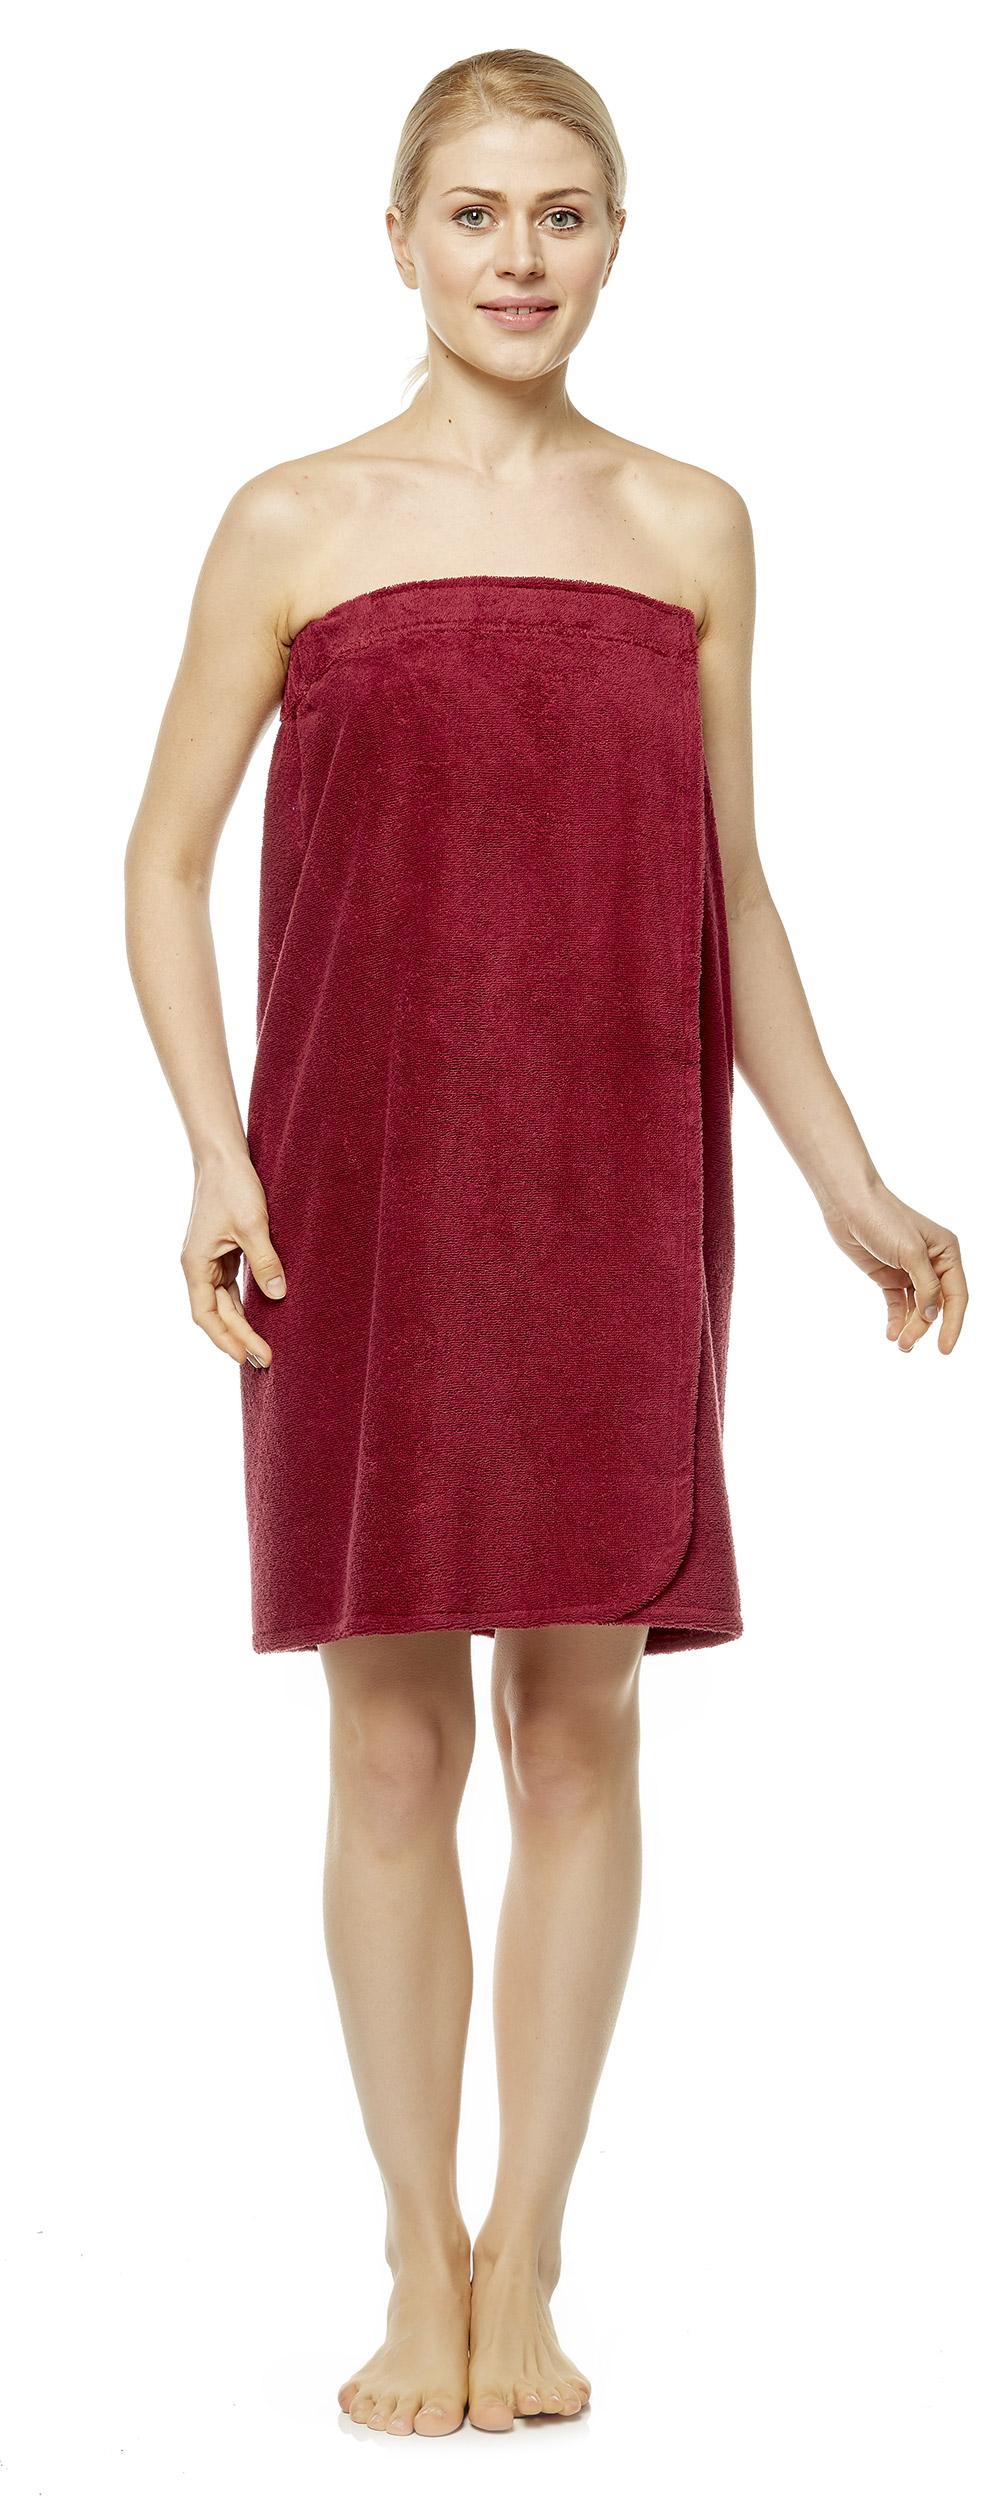 Saunakilt für Damen mit Gummizug und Klettverschluss, knielang, 100% Baumwolle